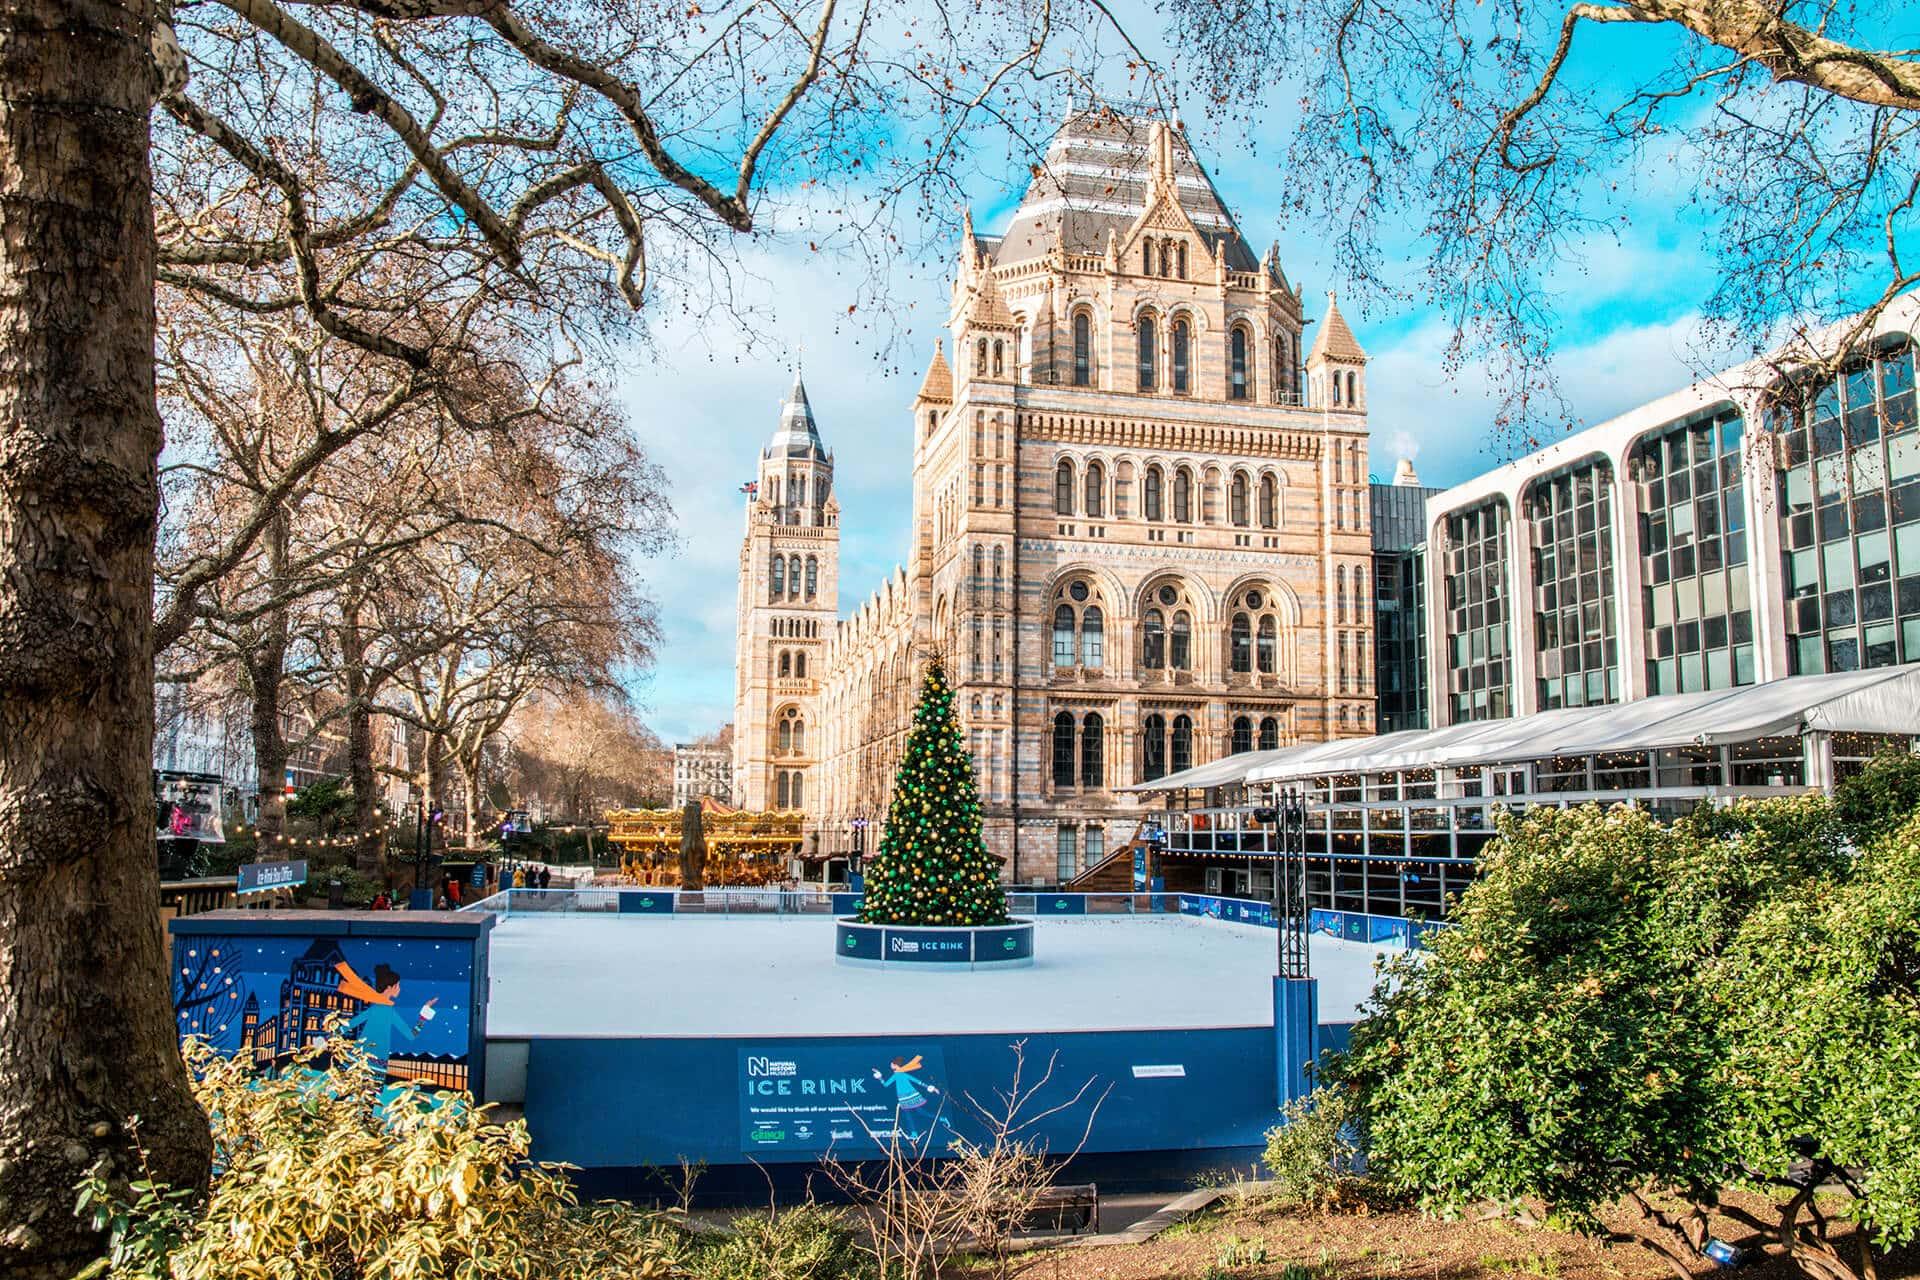 Kerstonden1 - Kerst in Londen: leukste dingen om te doen in de winter (+ kerstmarkten 2019!)